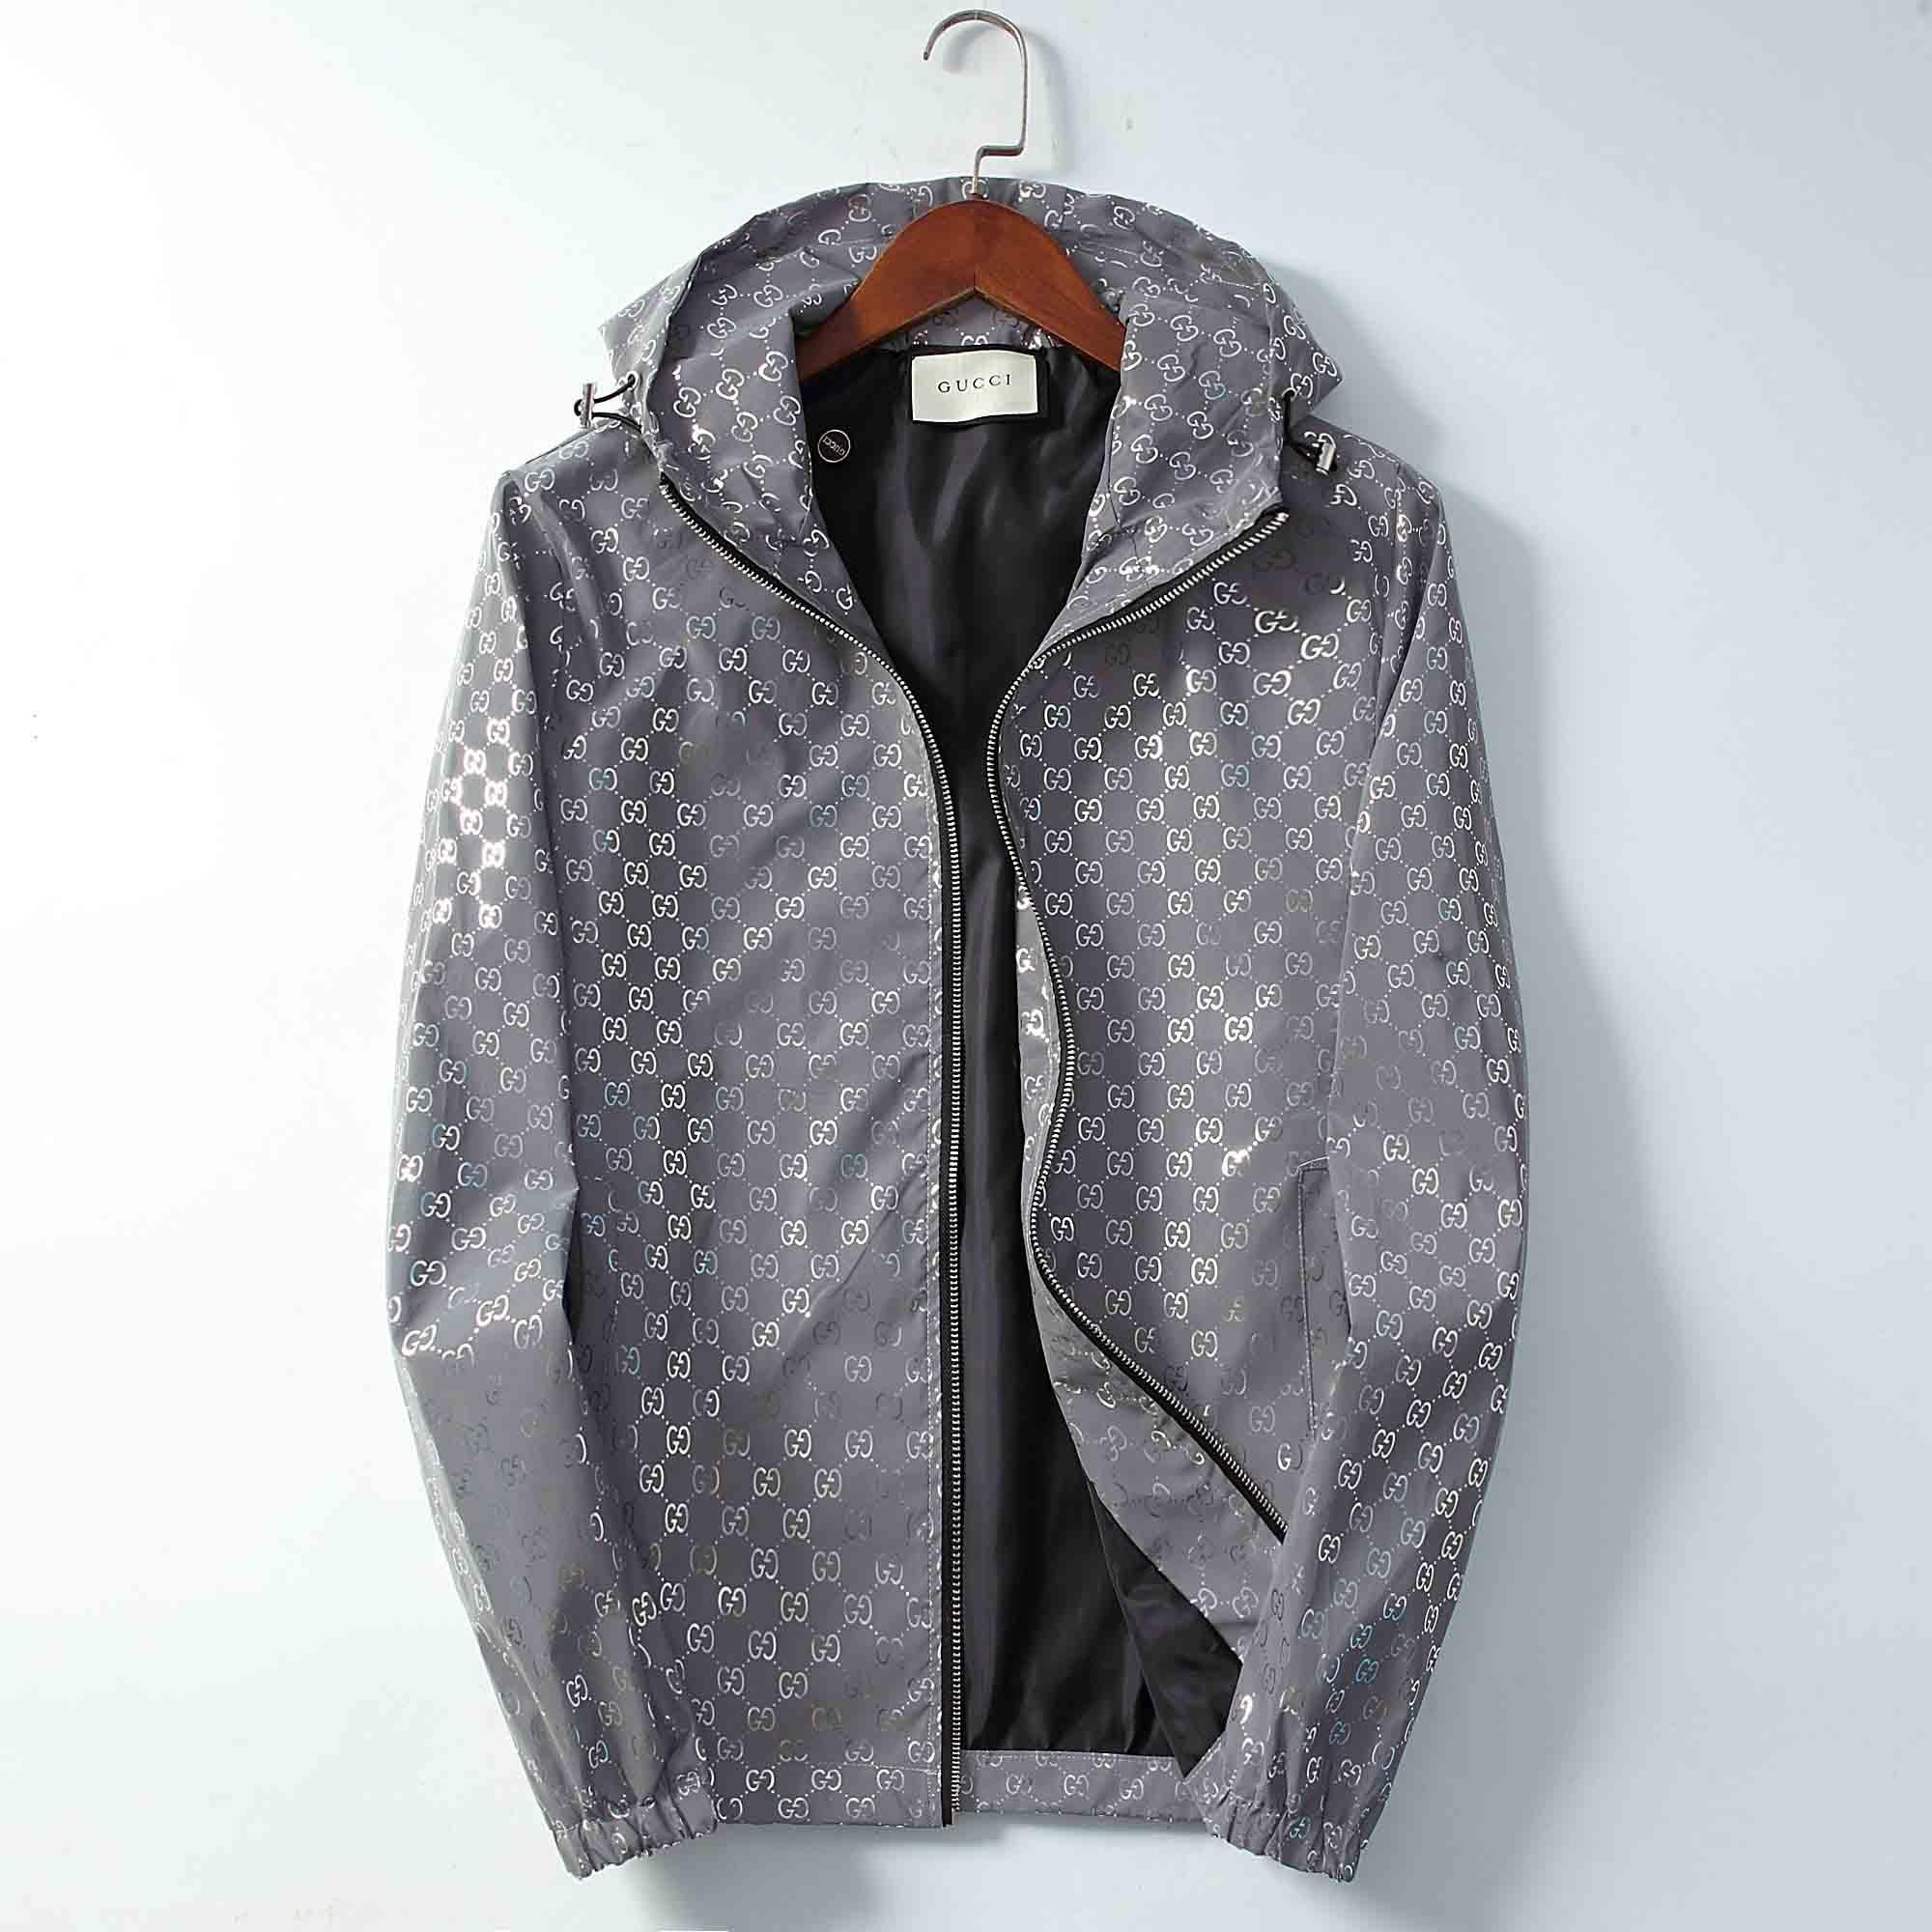 Lüks Erkek Tasarımcı ceketler Moda Sıcak ceketler Palto Hip Hop Spor Windproof Uzun Kollu Rüzgarlık Ceket Fermuarlar Erkekler Ceketler